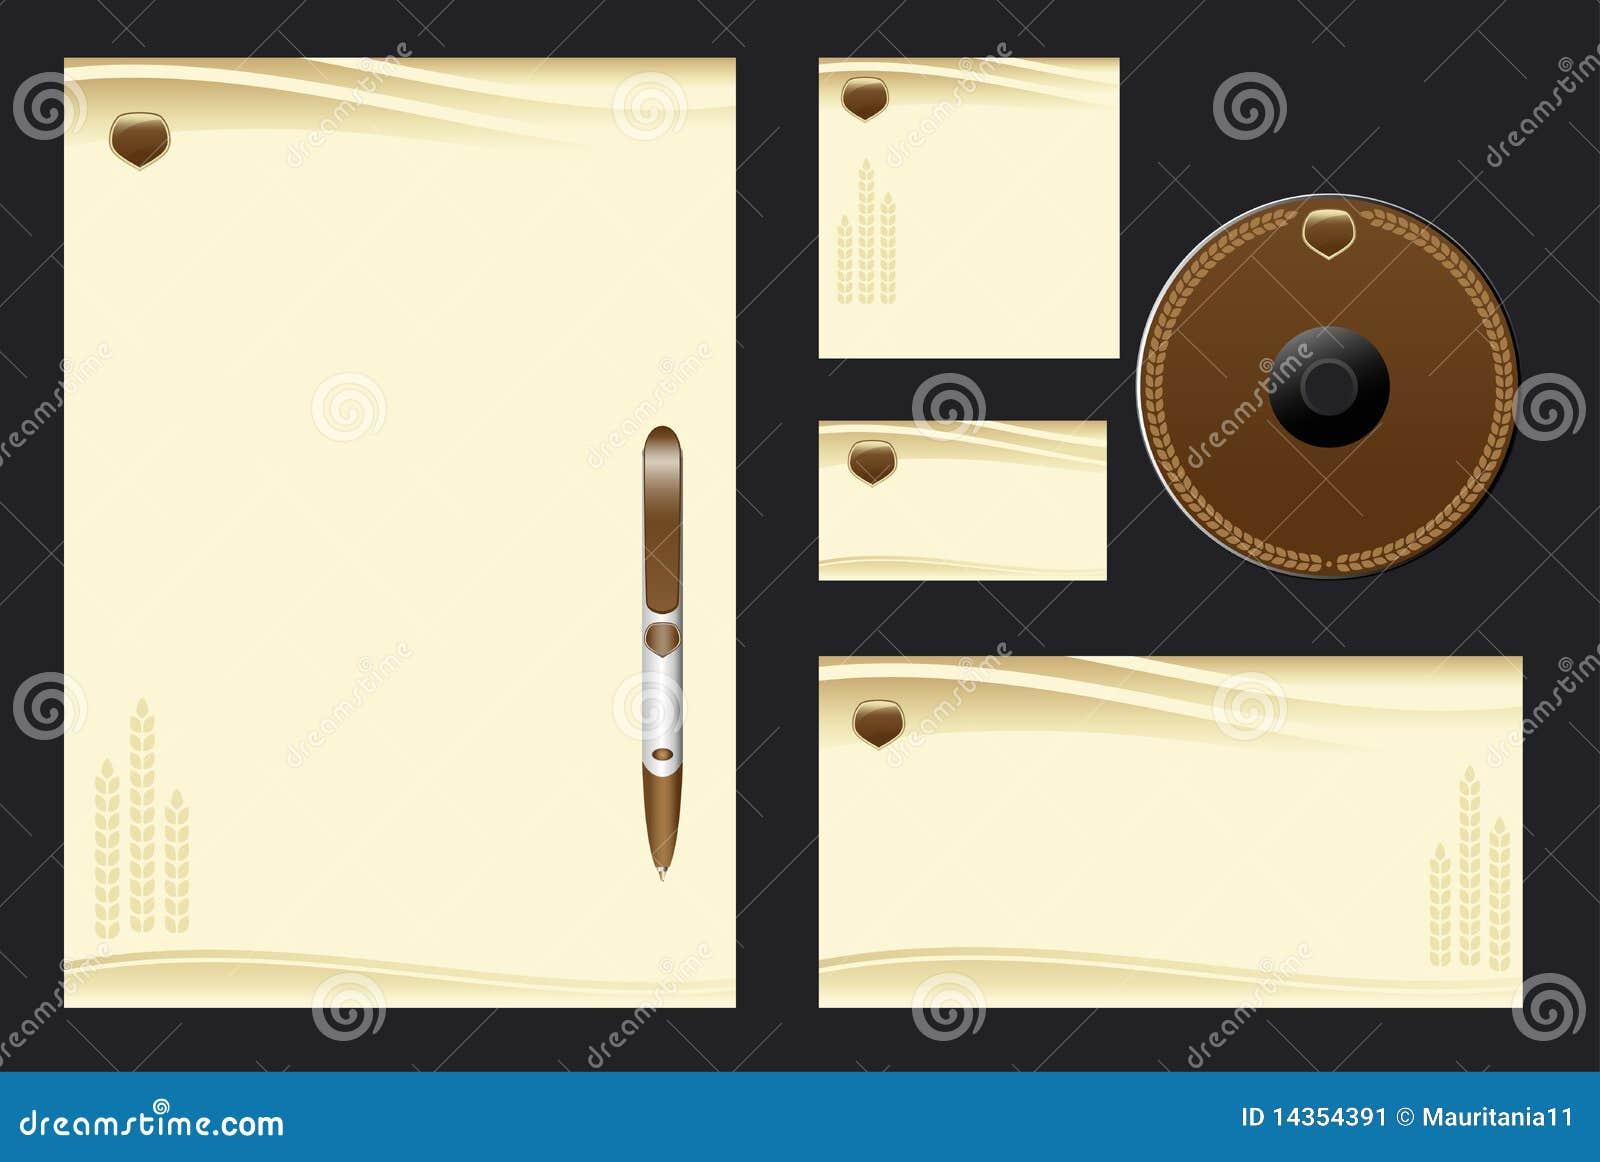 背景模板 库存图片 - 图片